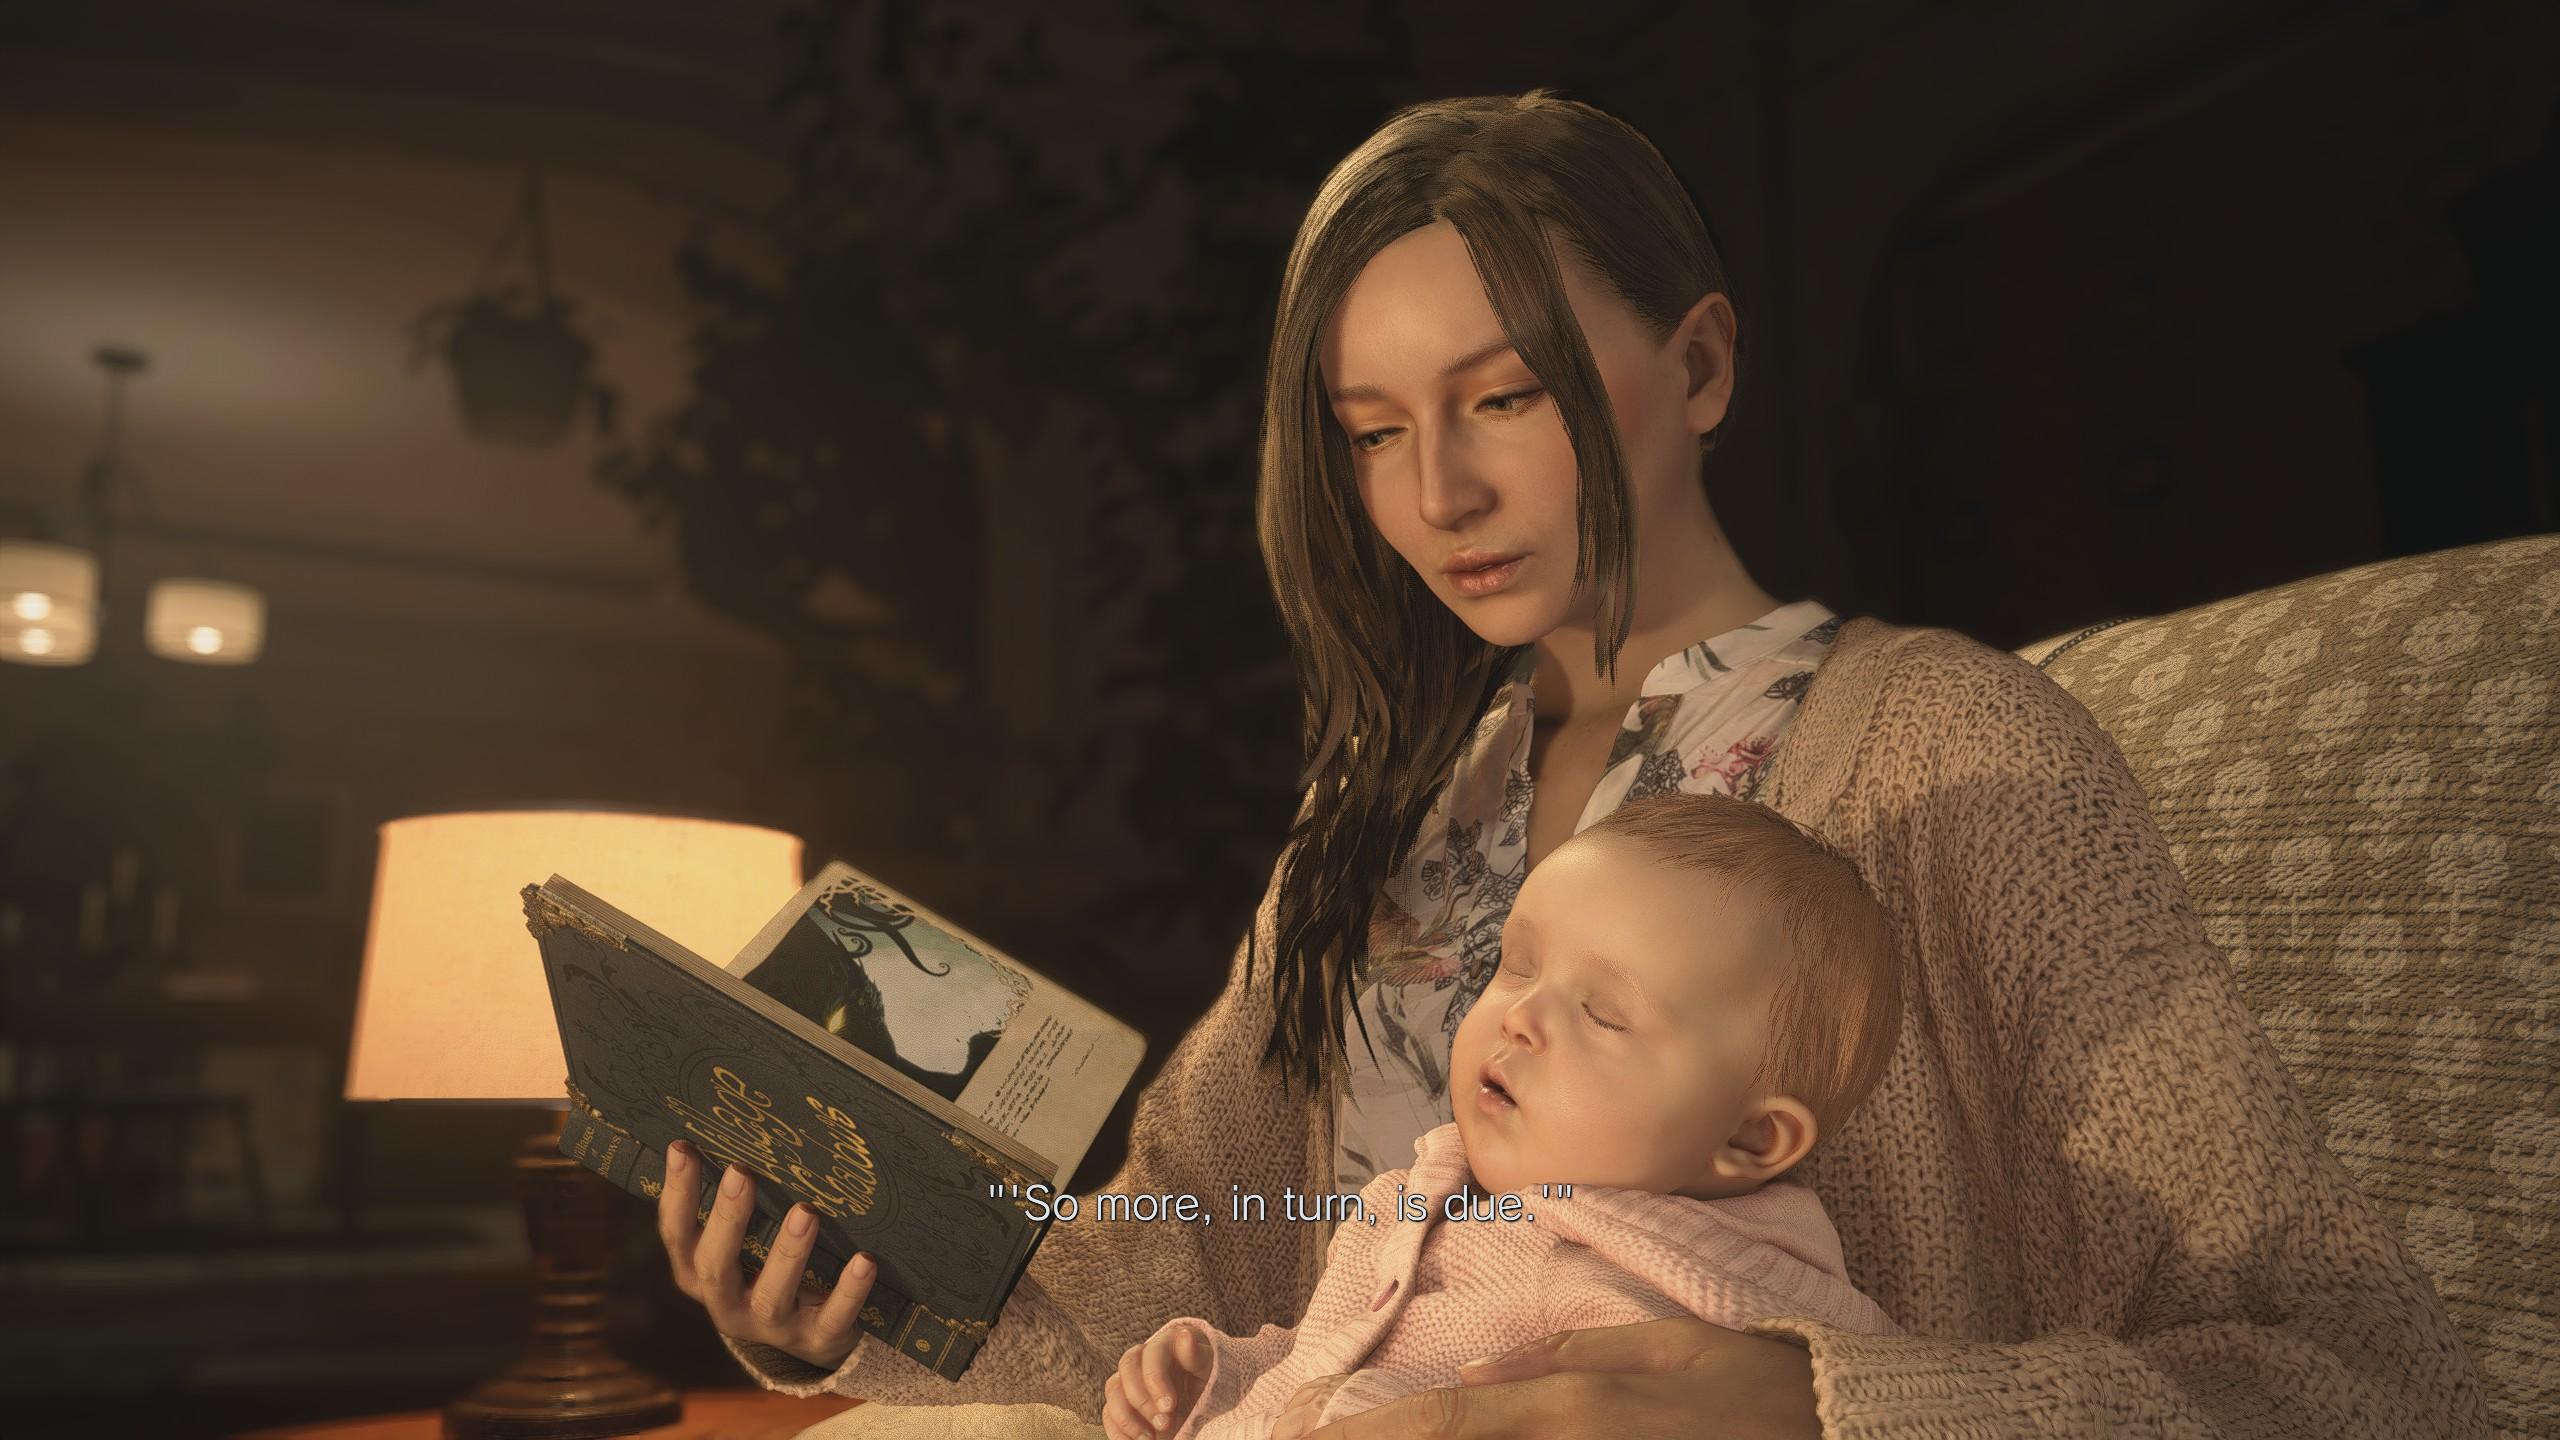 Mia mesét olvas Rose-nak a resident Evil village-ben